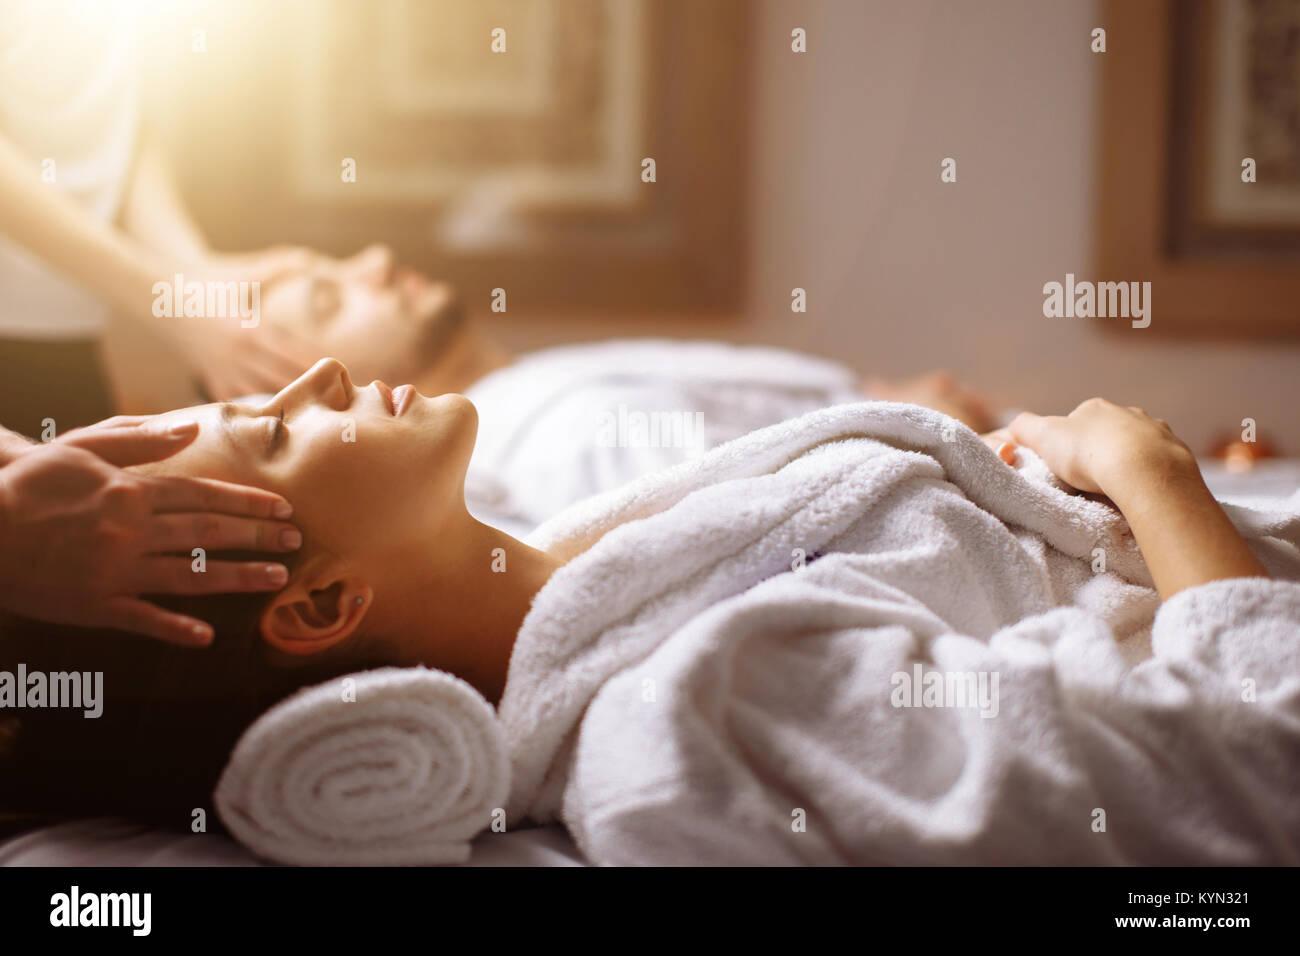 Coppia giovane ricevere massaggio testa a beauty spa Immagini Stock